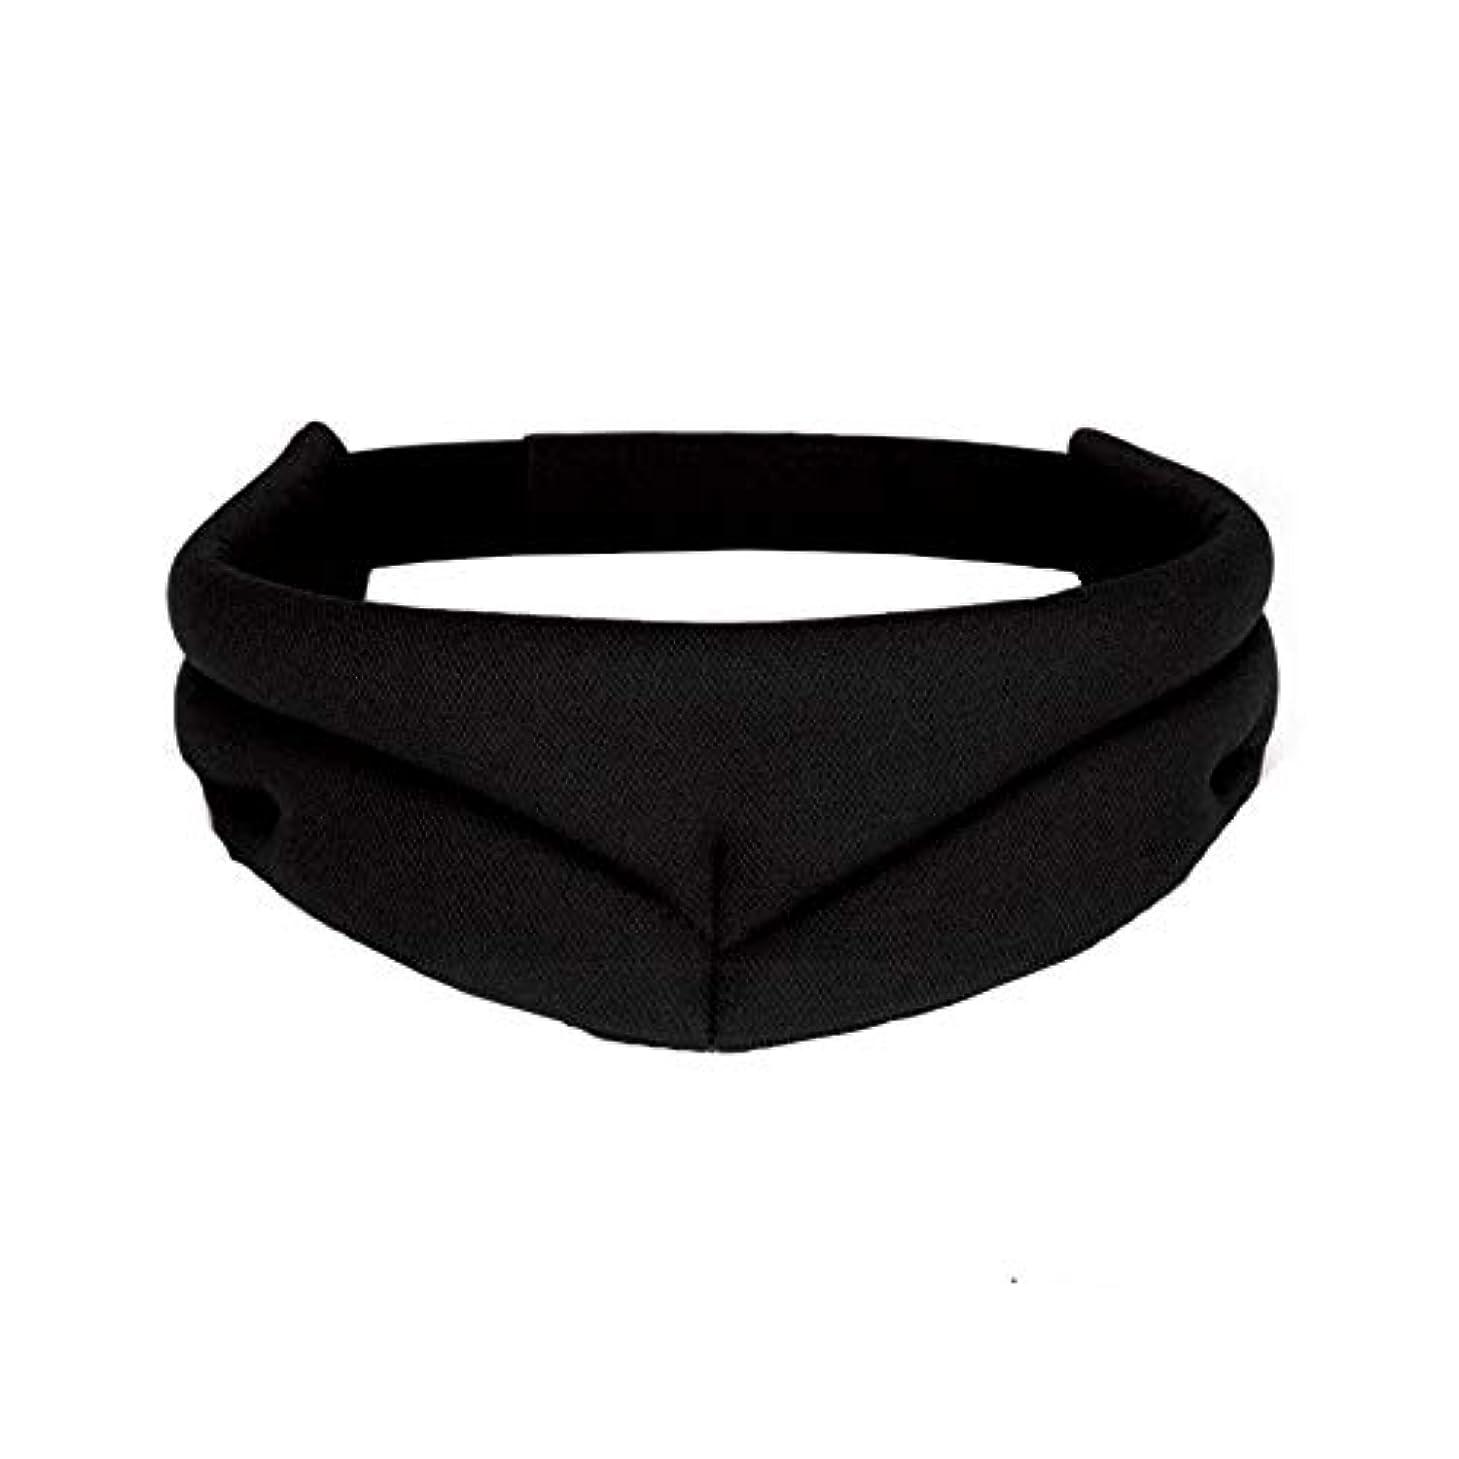 スライス商品選挙NOTE 高級3d睡眠マスク高速睡眠アイマスク旅行残りアイシェードカバーシェードアイパッチソフトポータブル目隠しエイドアイリラックス